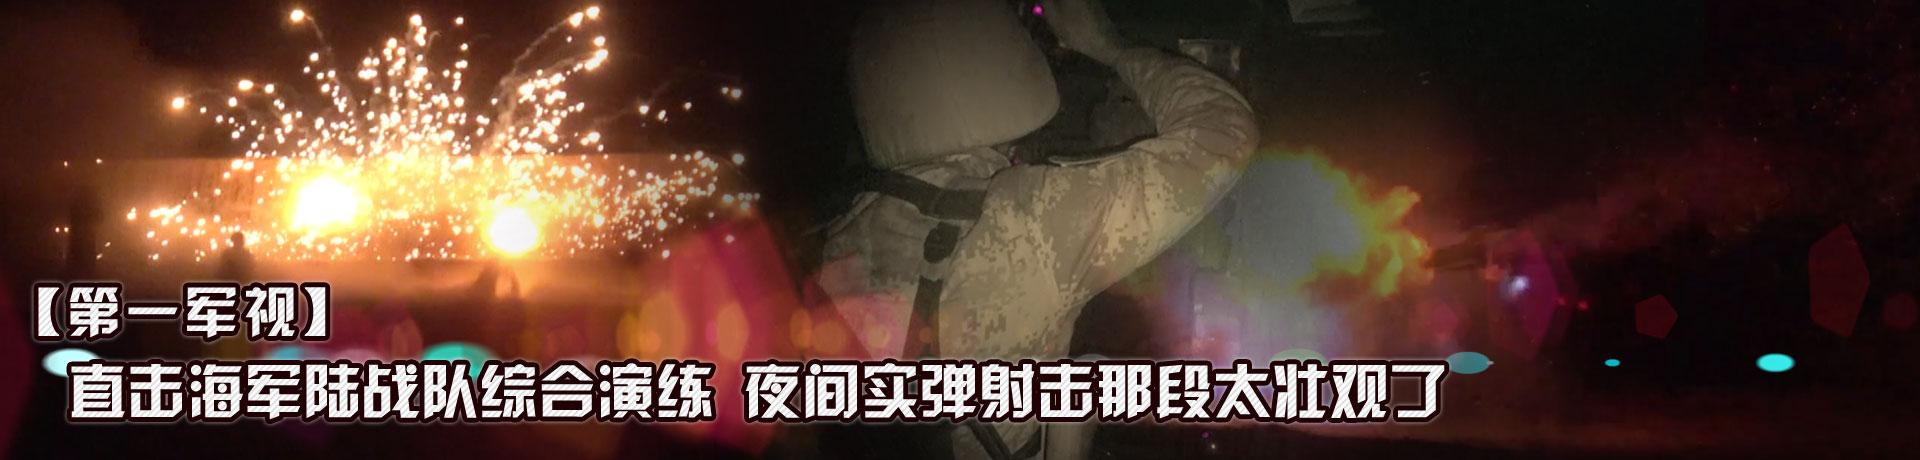 【第一軍視】直擊海軍陸戰隊綜合演練 夜間實彈射擊那段太壯觀了